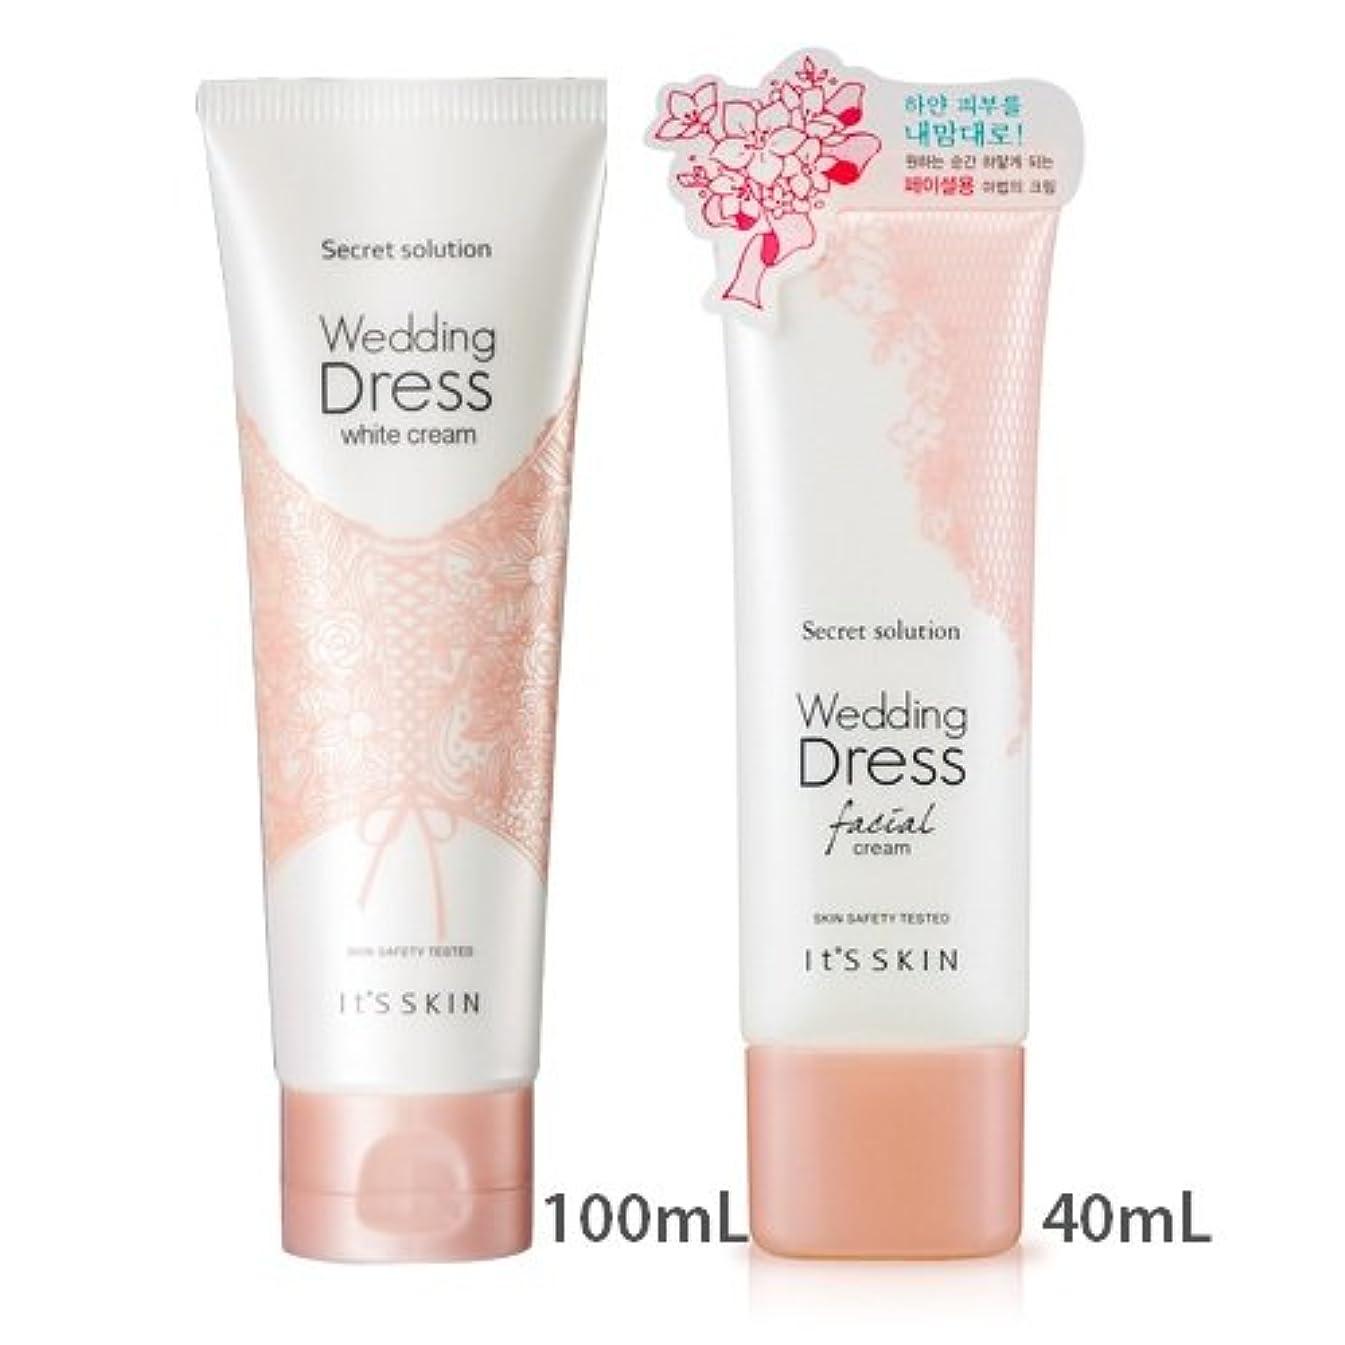 かりて動員する小道具[1+1] It's skin Secret Solution Wedding Dress Facial Cream 40mL + Secret Solution Wedding Dress Cream 100mL イッツスキン...